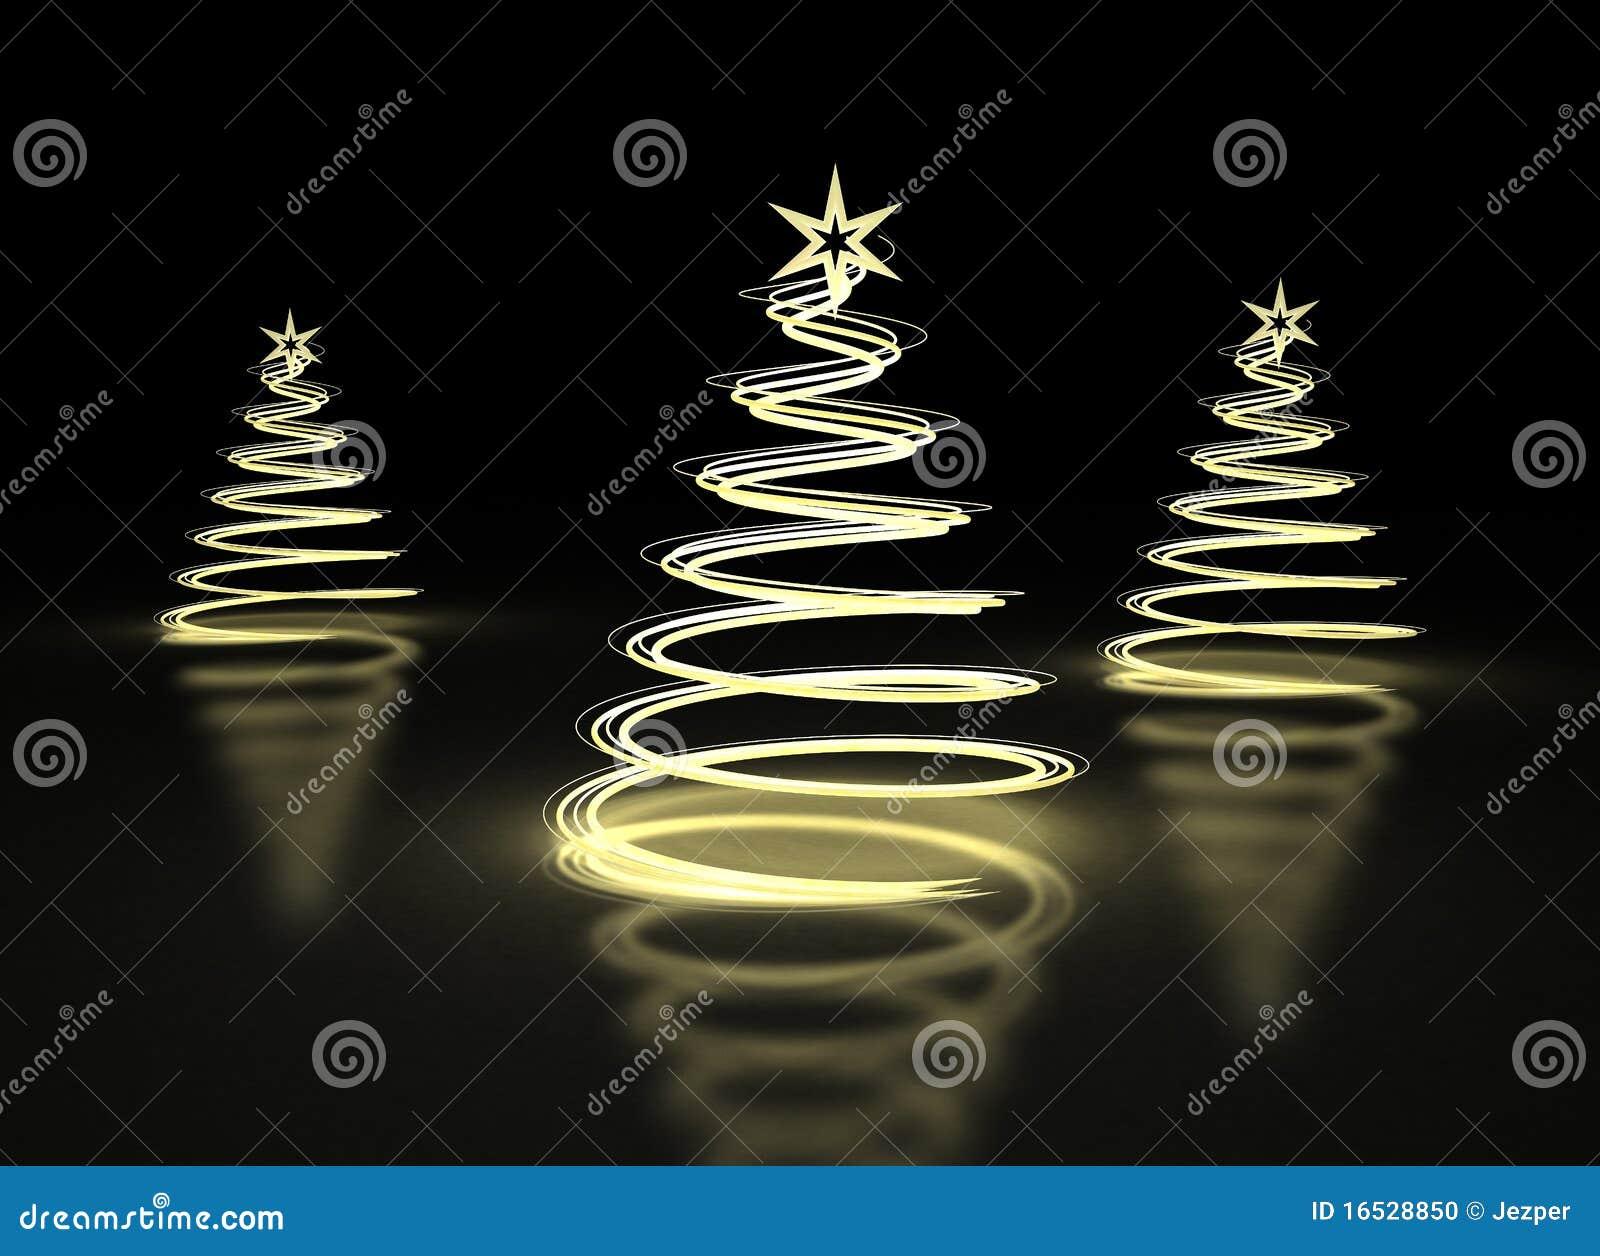 Árboles de navidad de oro abstractos en fondo oscuro